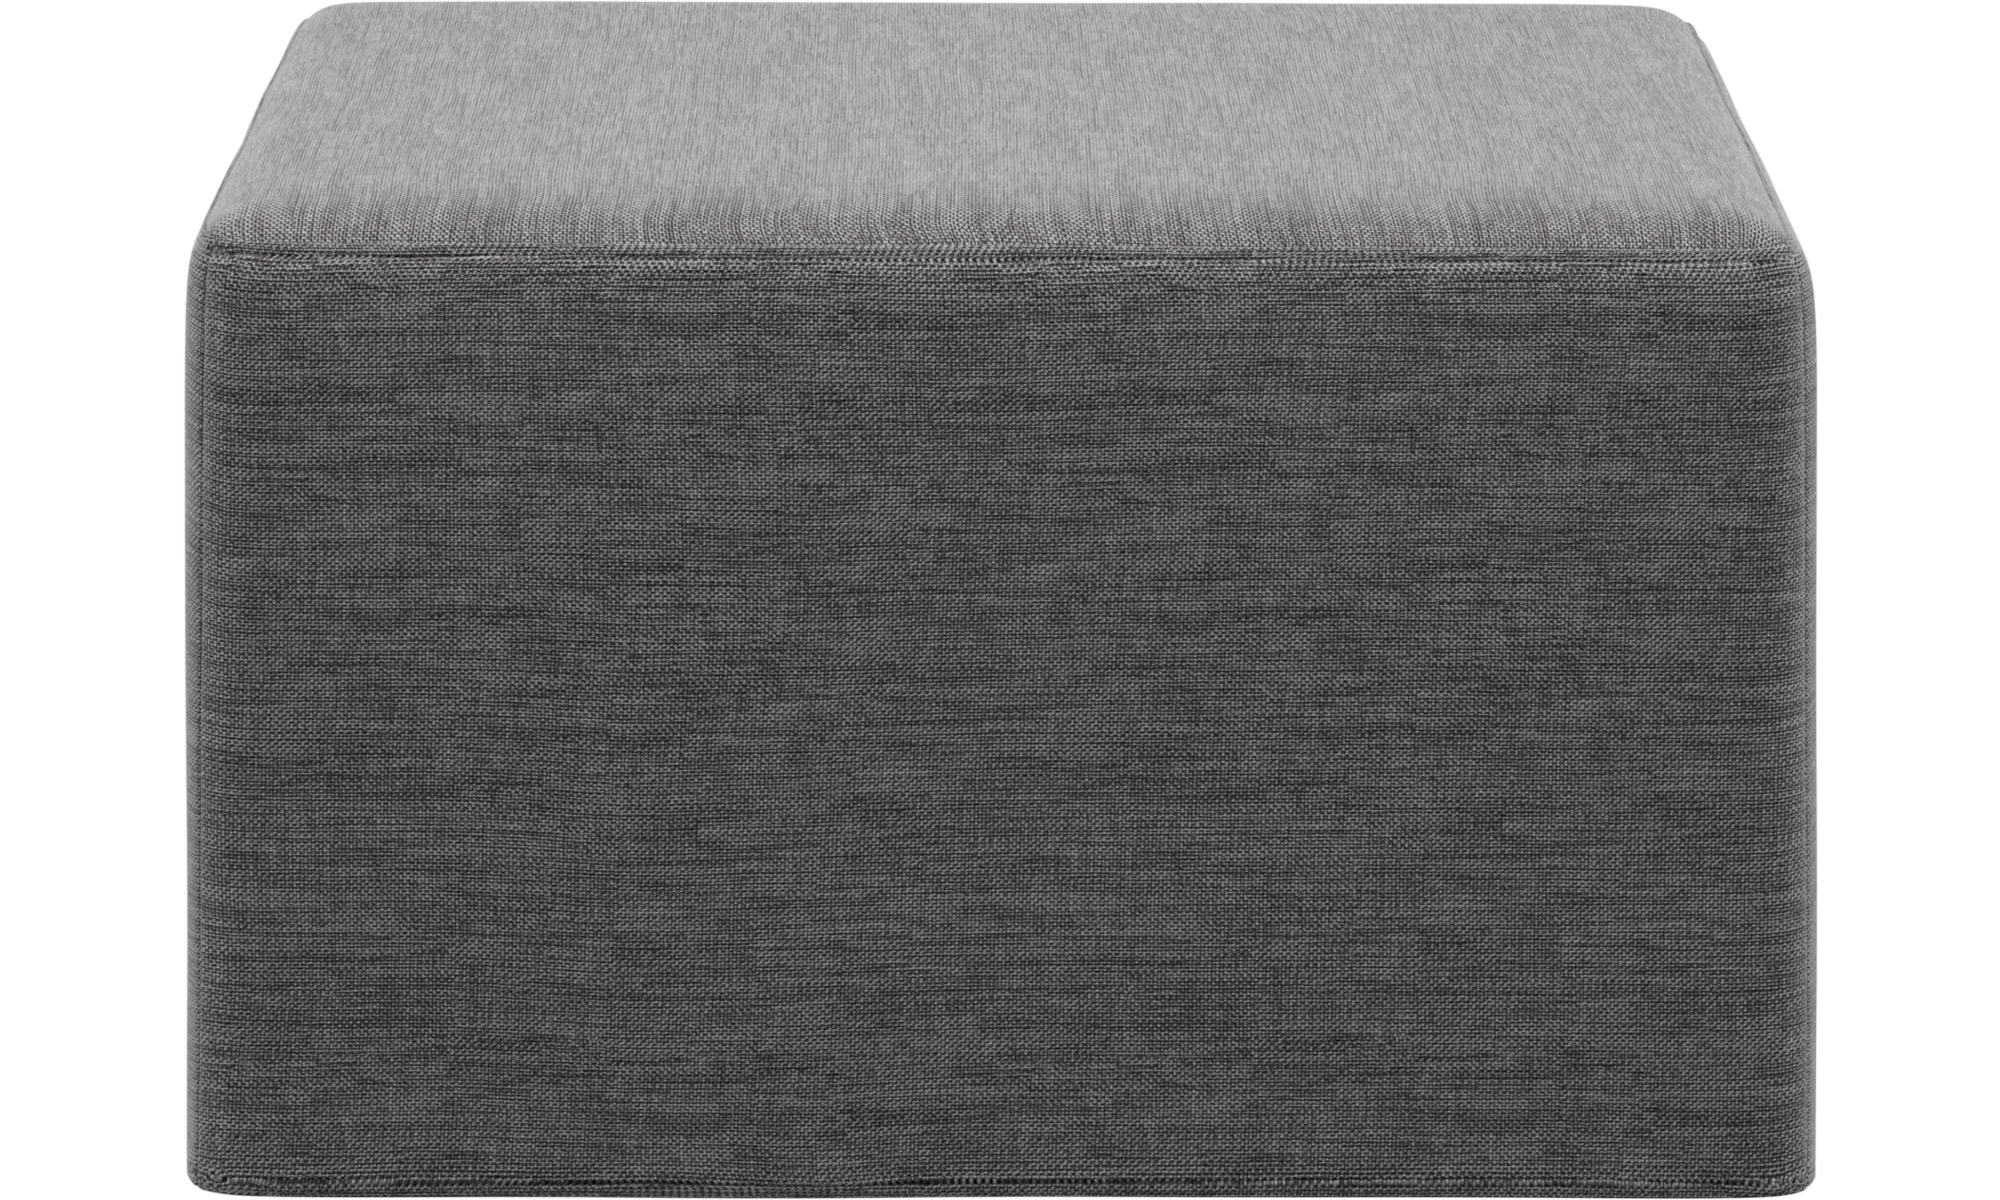 Schlafsofas - Xtra Hocker mit Schlaffunktion - Grau - Stoff